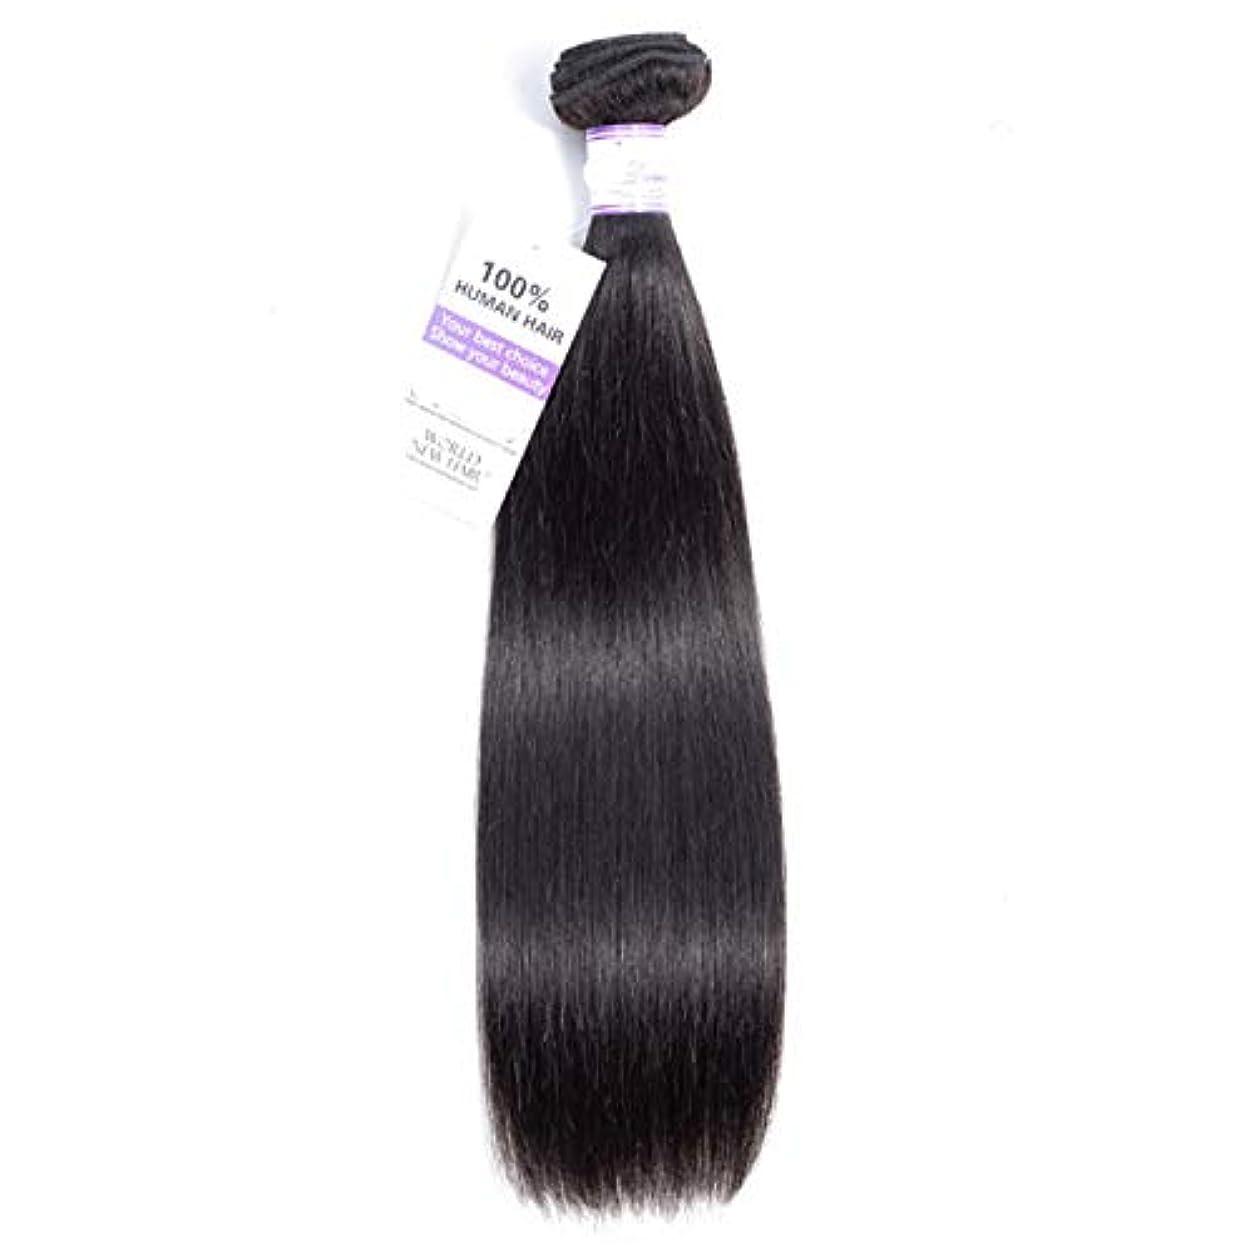 ティーム探す差別かつら ペルーのストレートヘアバンドル8-28インチ100%人毛織り非レミーヘアナチュラルカラー1個 (Stretched Length : 28inches)